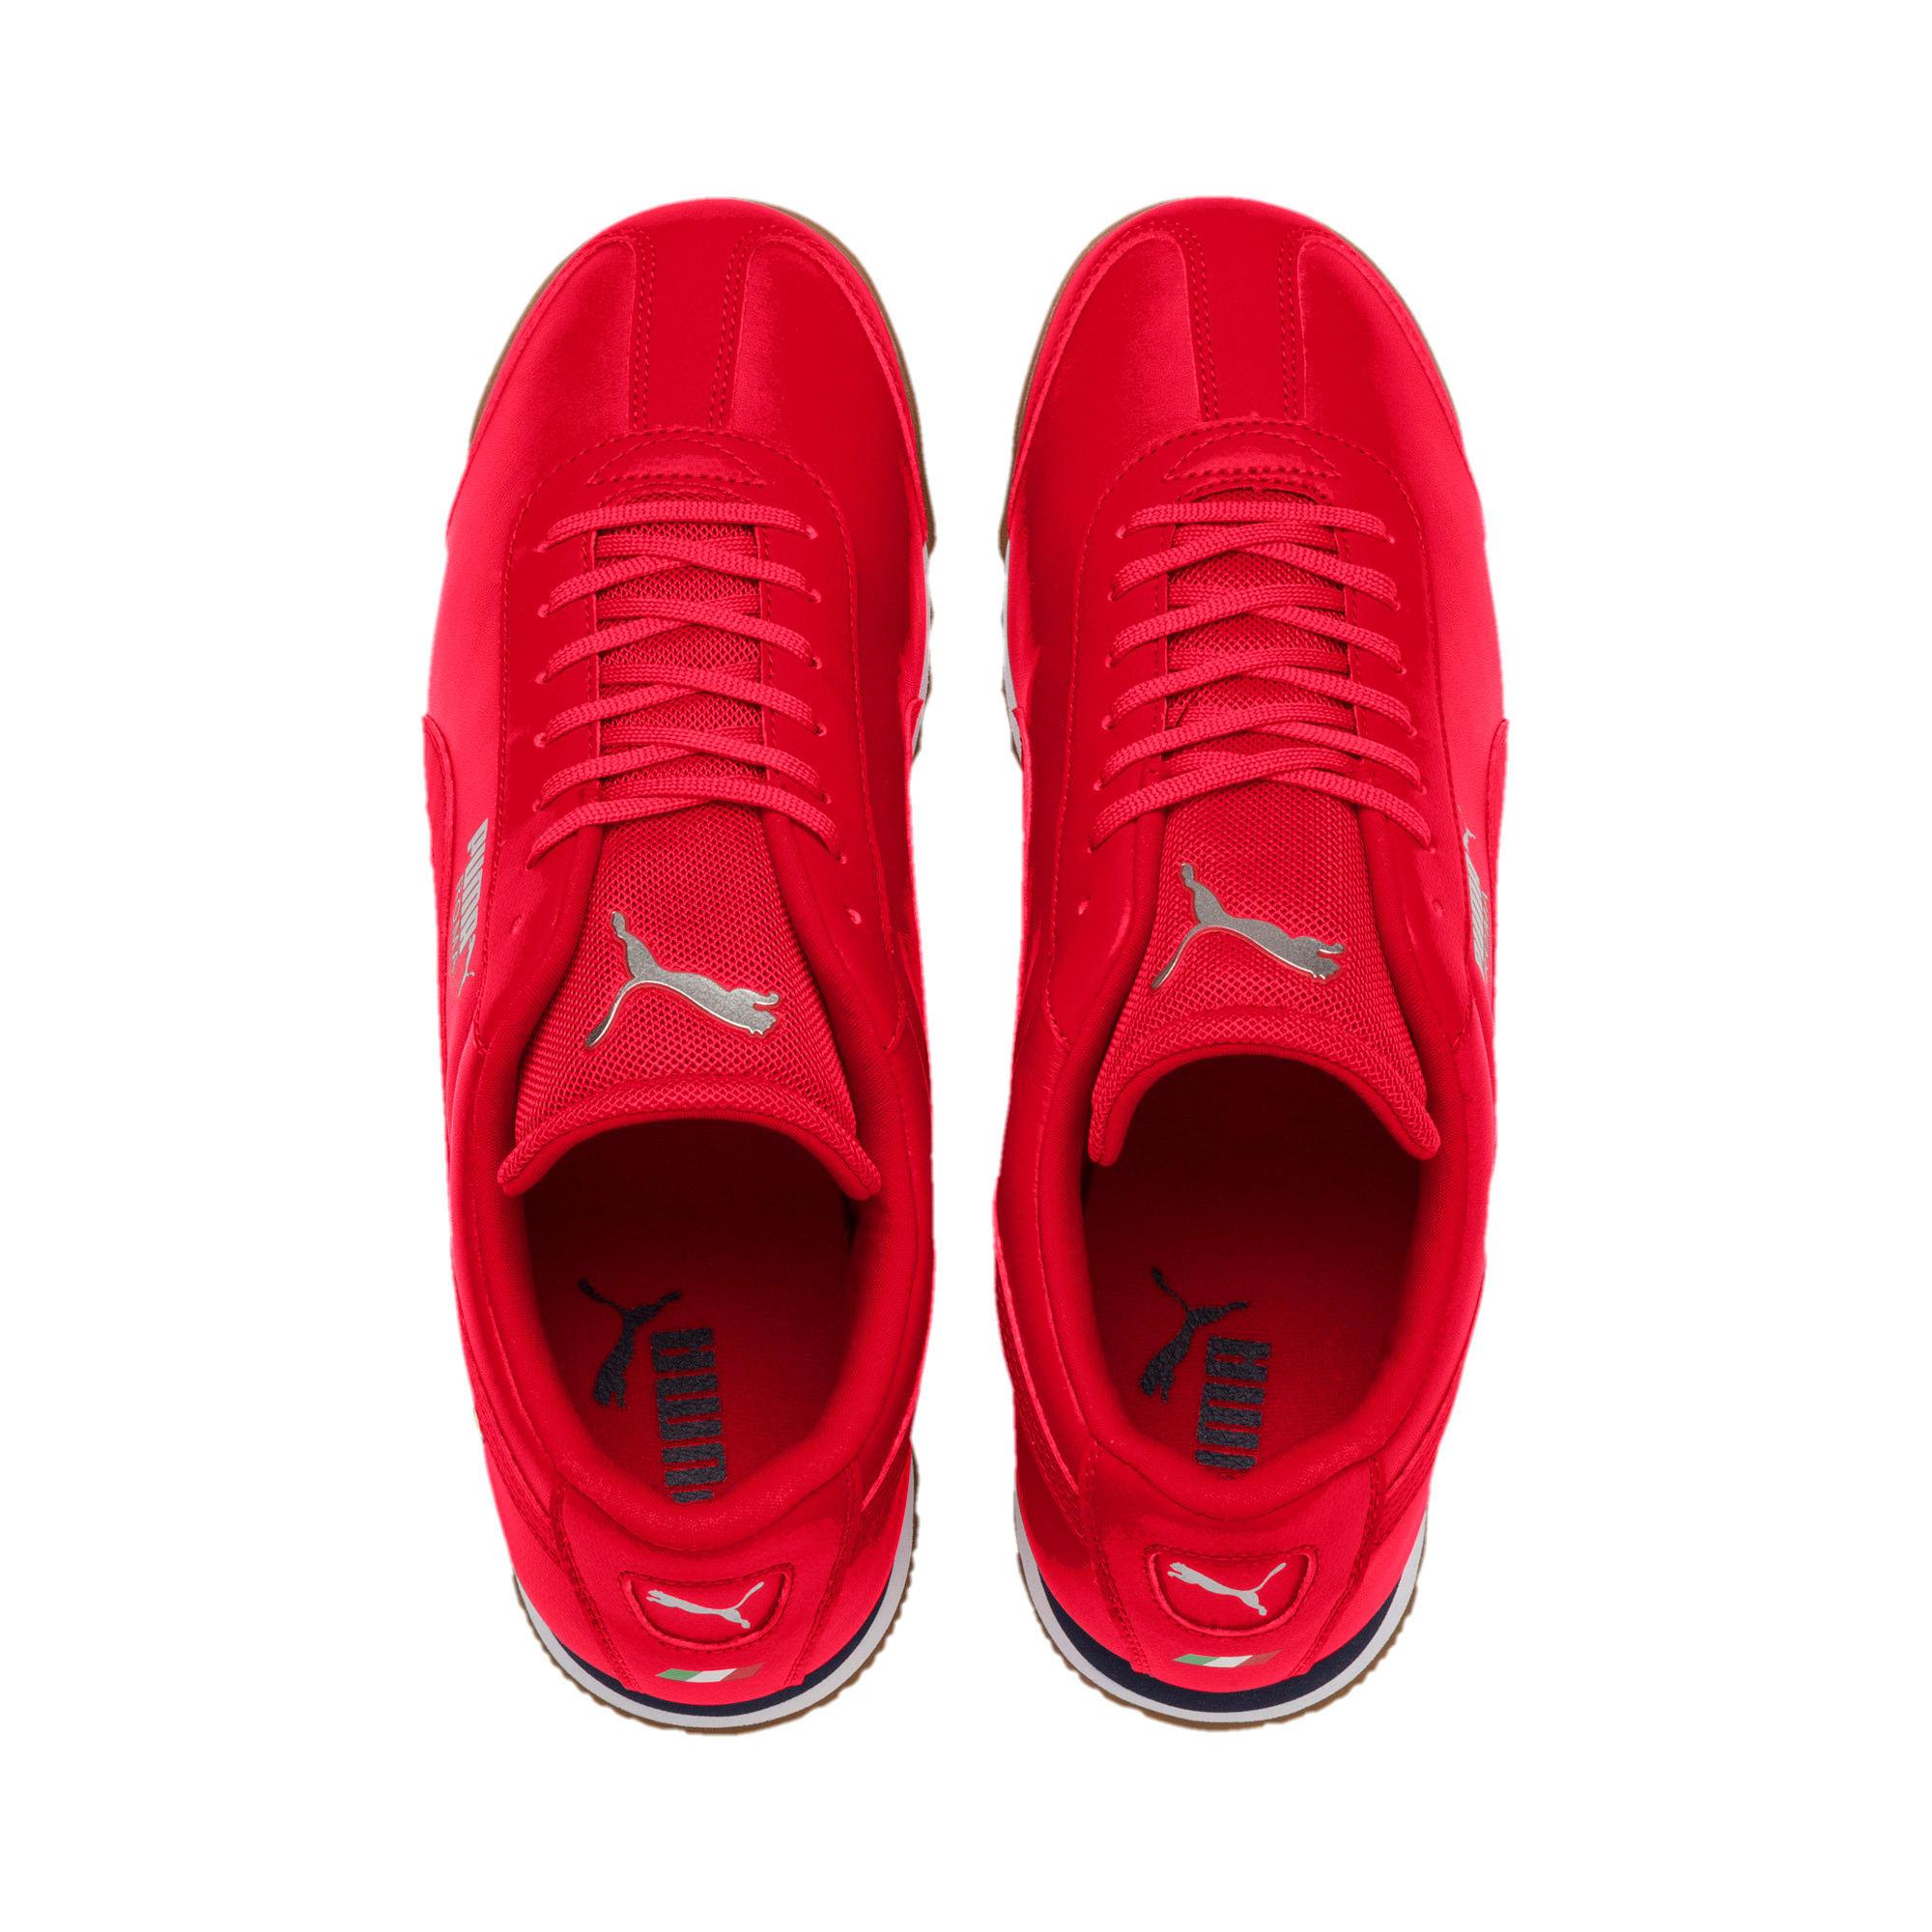 Thumbnail 6 of Scuderia Ferrari Roma Men's Sneakers, Rosso Corsa-Rosso Corsa, medium